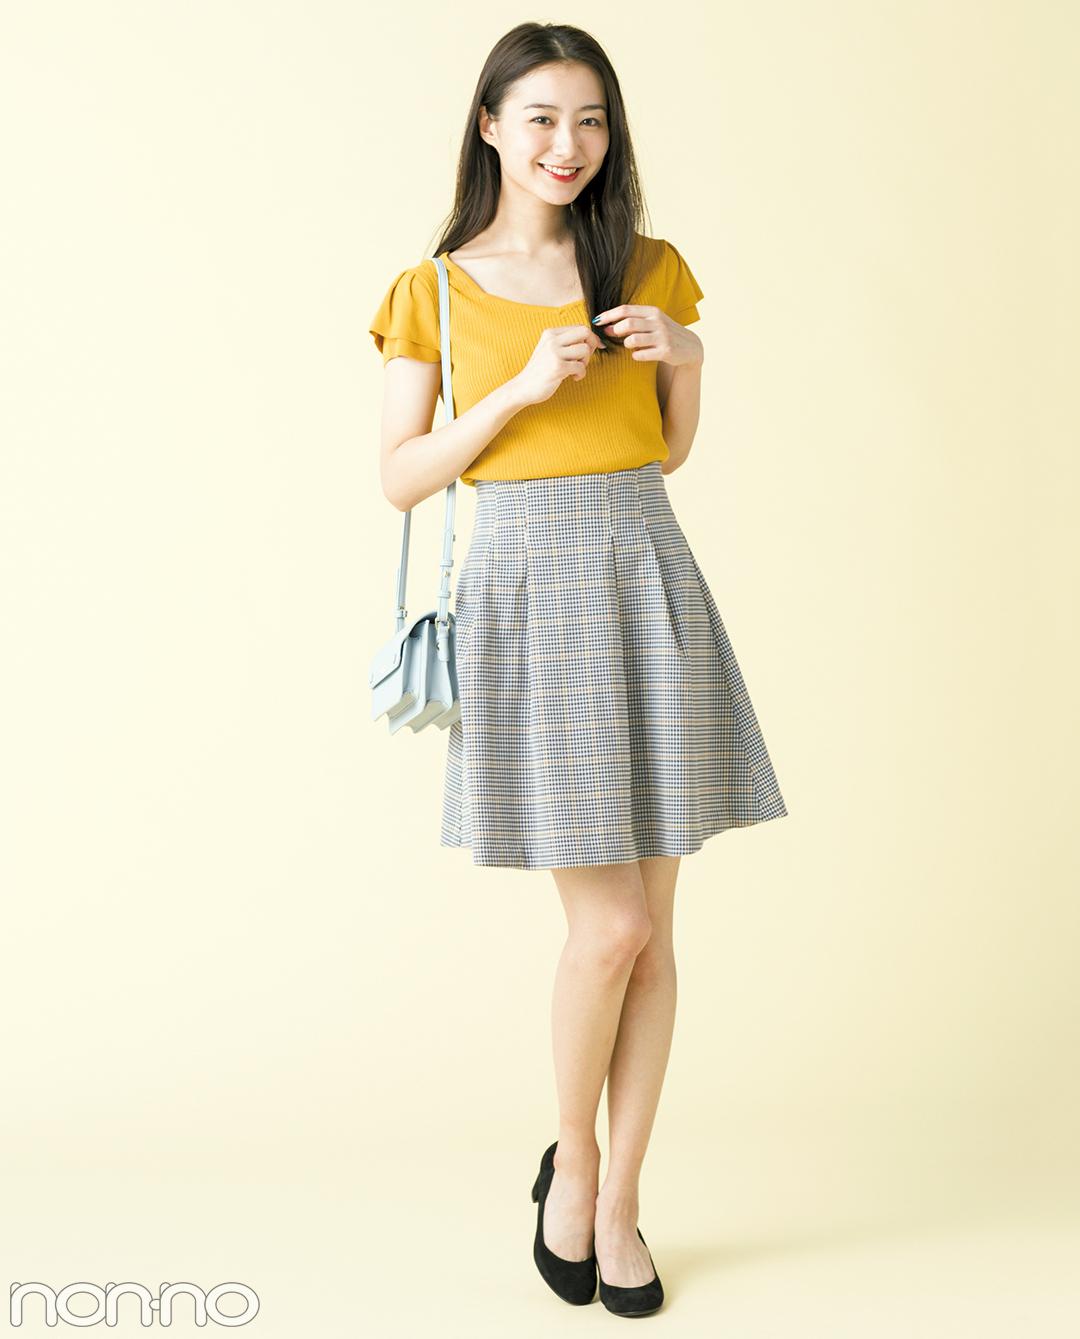 秋の最新★グレンチェックのひざ上スカート、大人っぽコーデ3選!_1_1-2